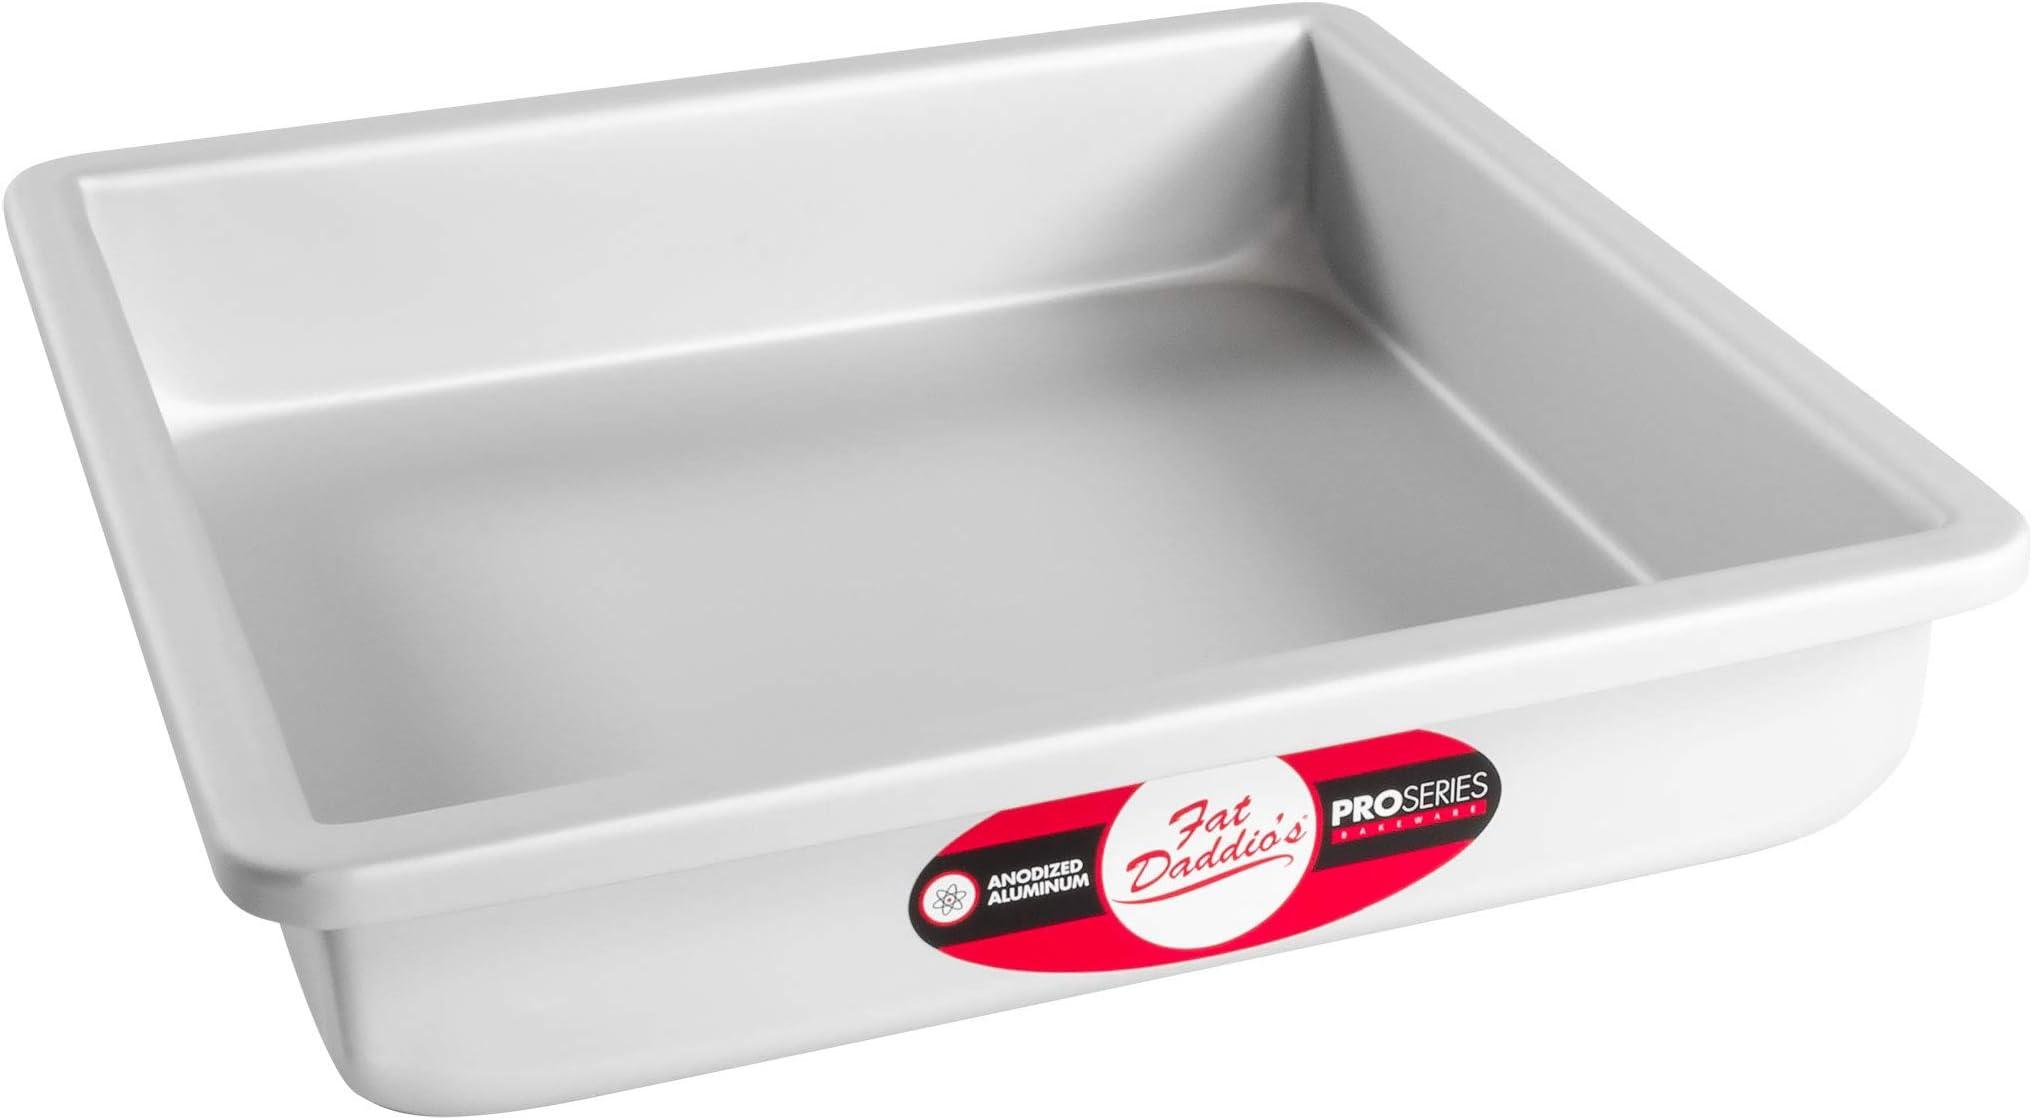 Fat Daddio's Square Cake Pan, 9 x 2 Inch, Silver